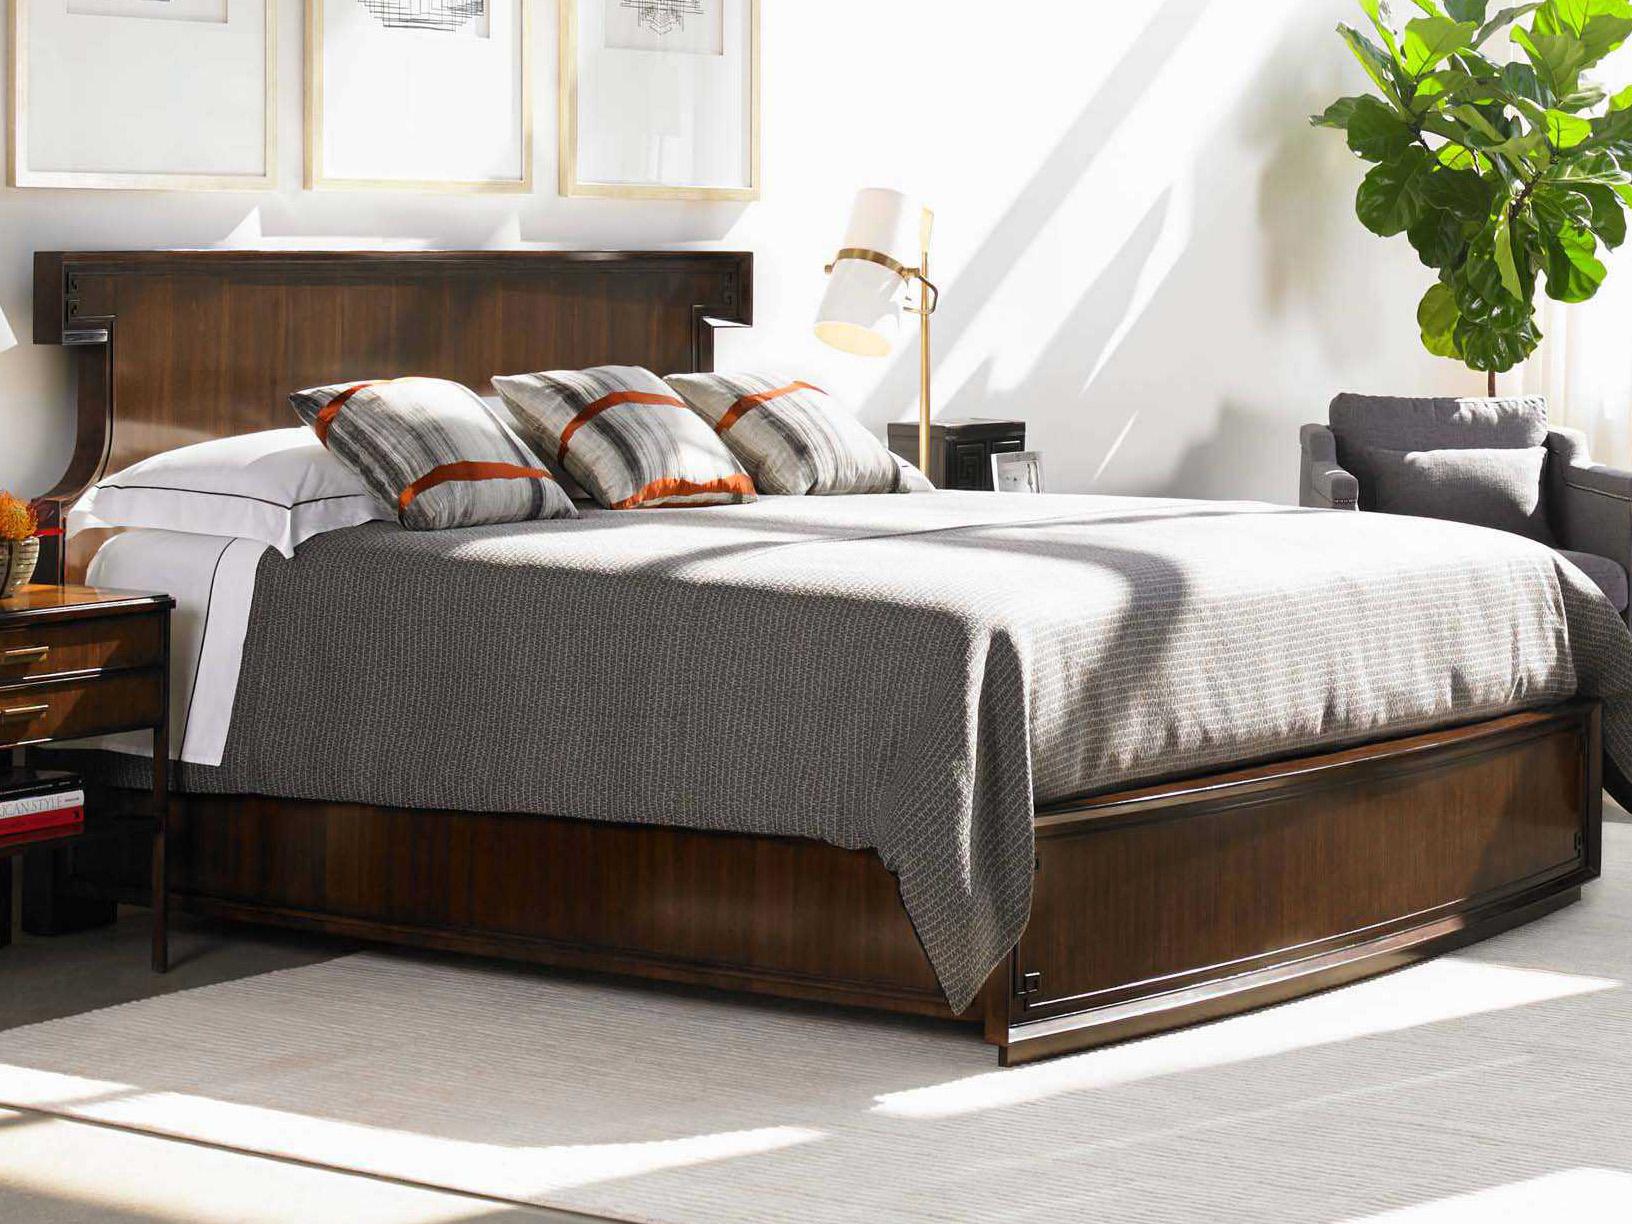 Porter King Panel Bed 28 Images Porter Warm Walnut King Panel Bed From Homelegance 1852k